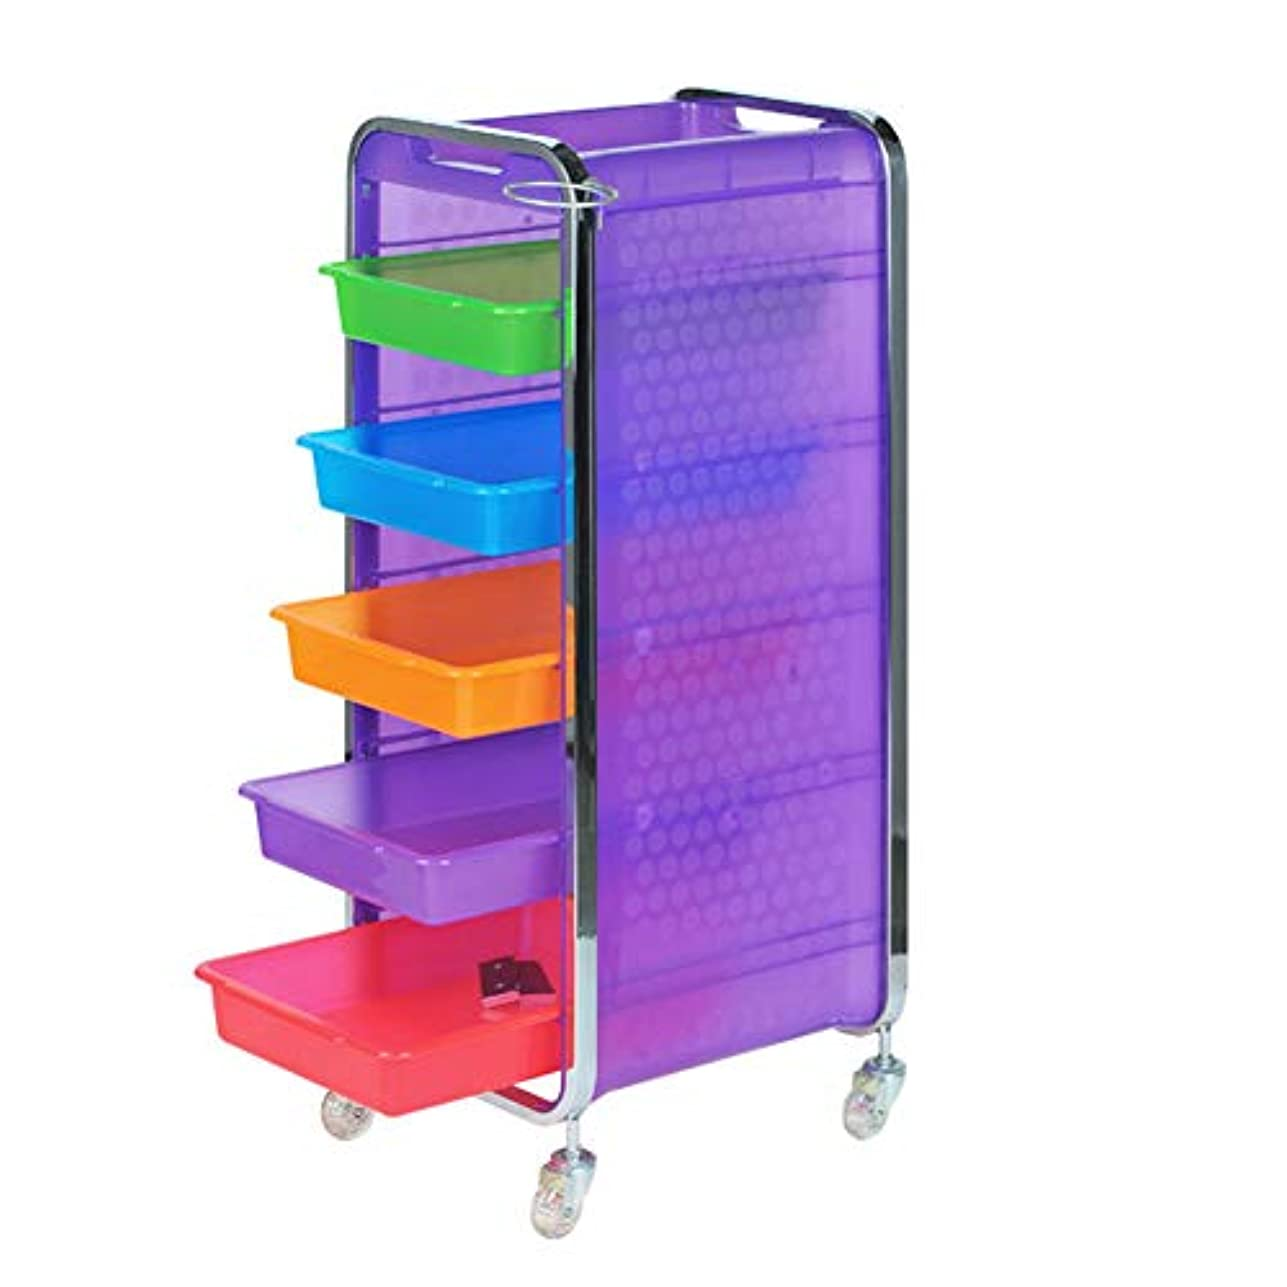 祖先痛み暫定のサロン美容院トロリー美容美容収納カート6層トレイ多機能引き出し虹色,Purple,B